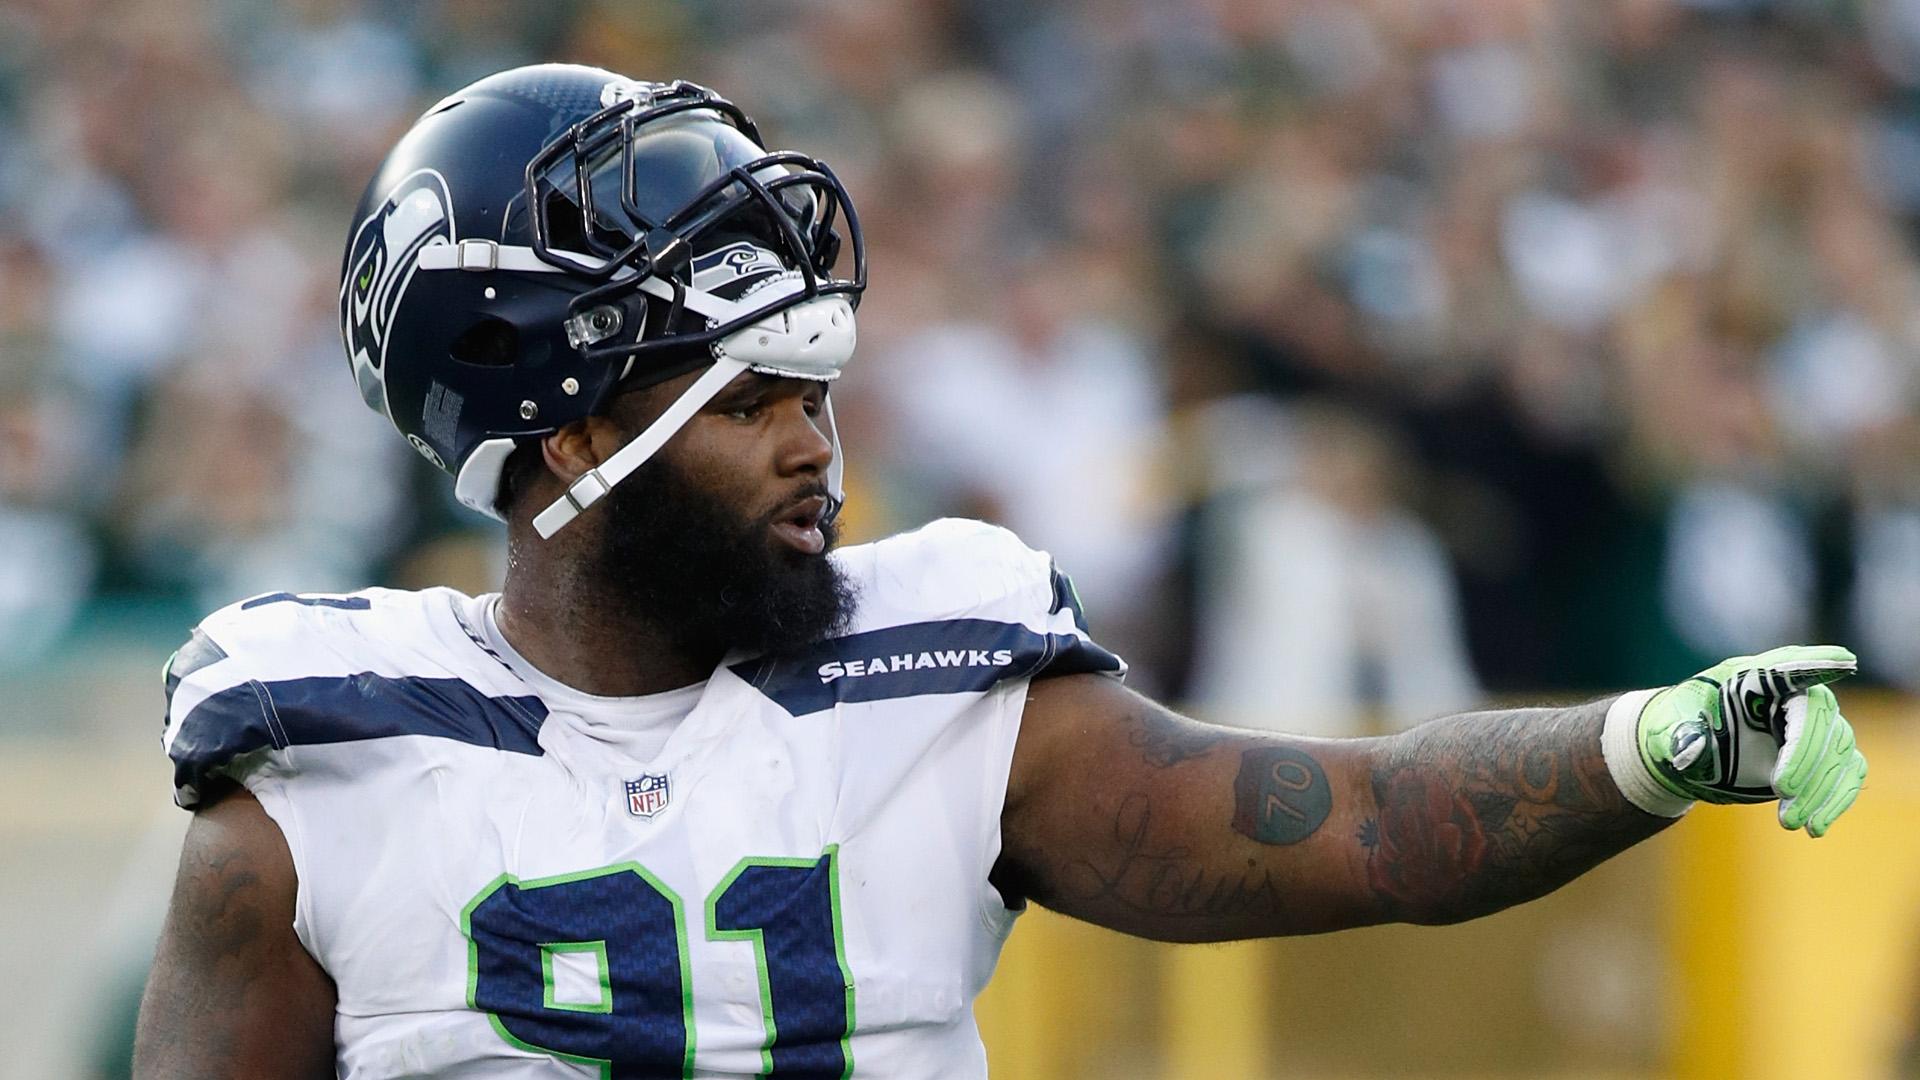 Seahawks Sheldon Richardson calls fine for his hit on Drew